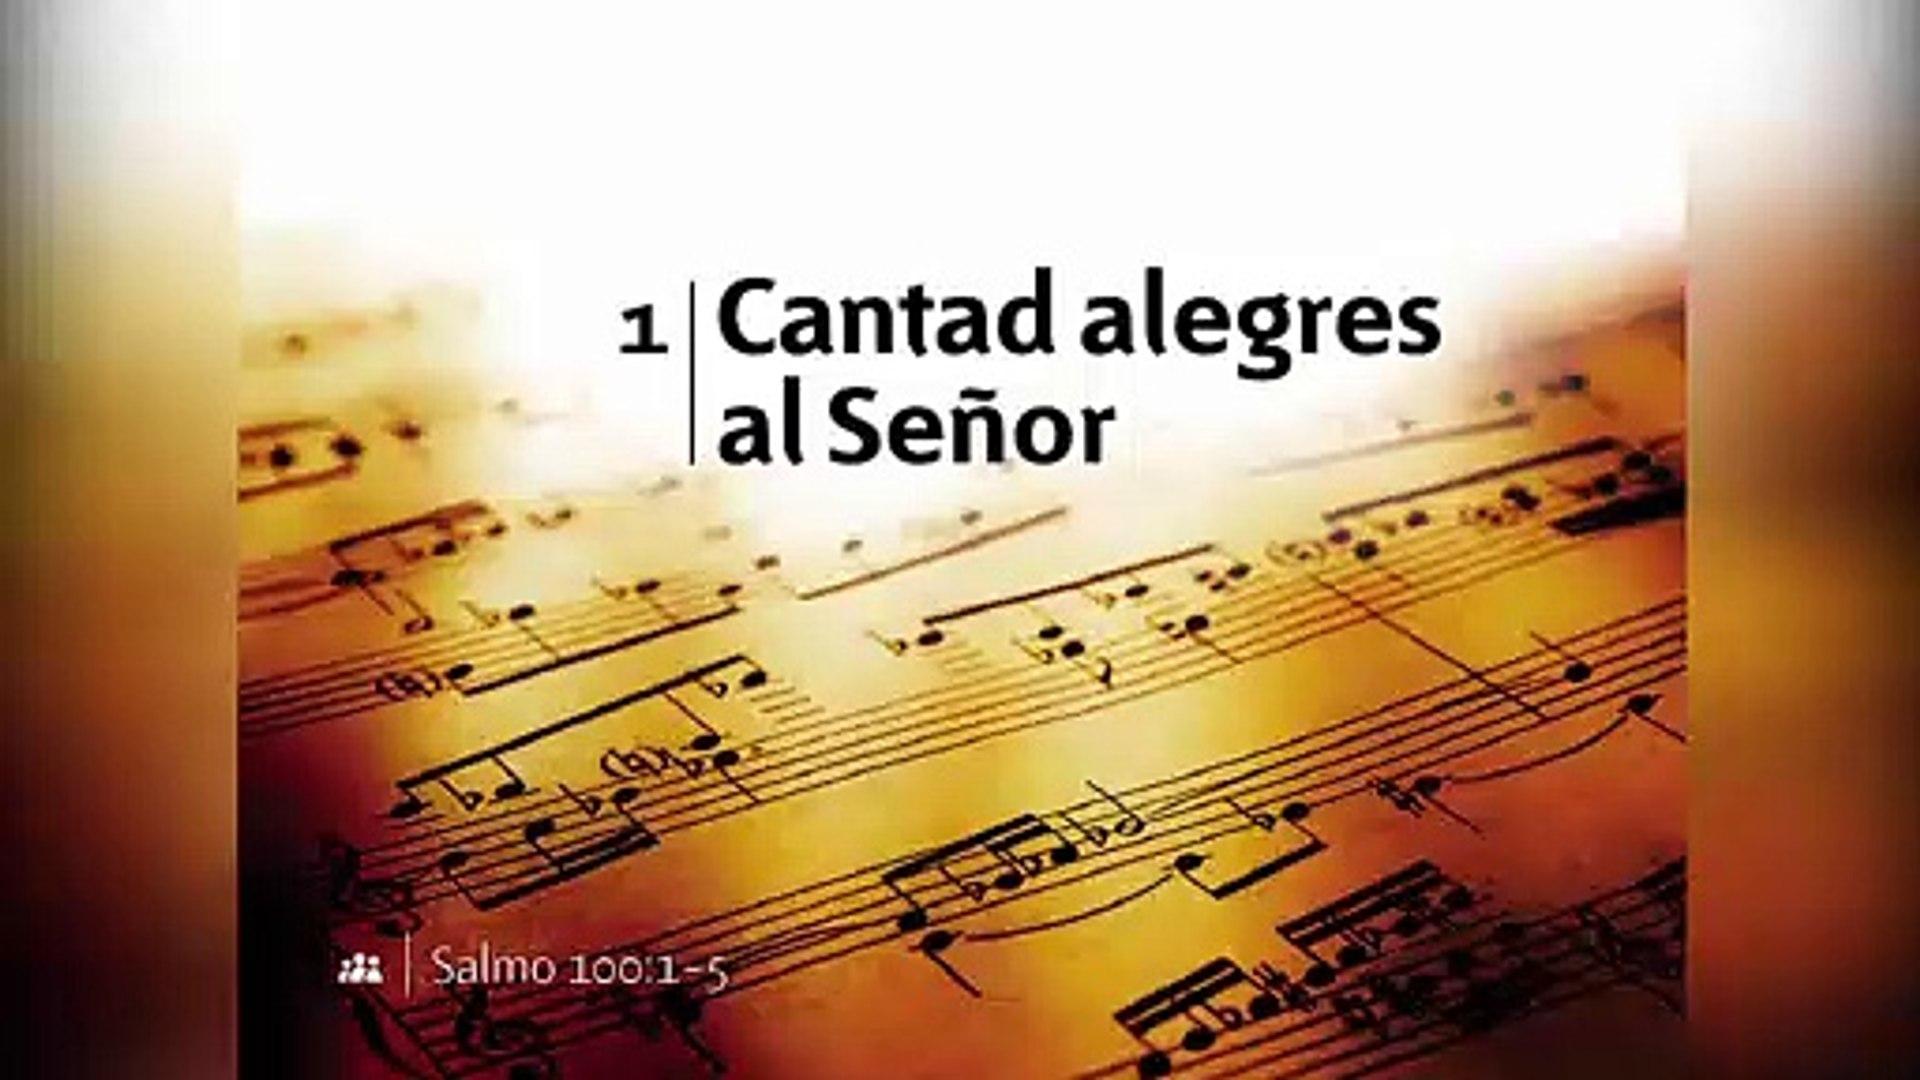 Himno 1: Cantad alegres al Señor - Himnario Adventista [Pista]